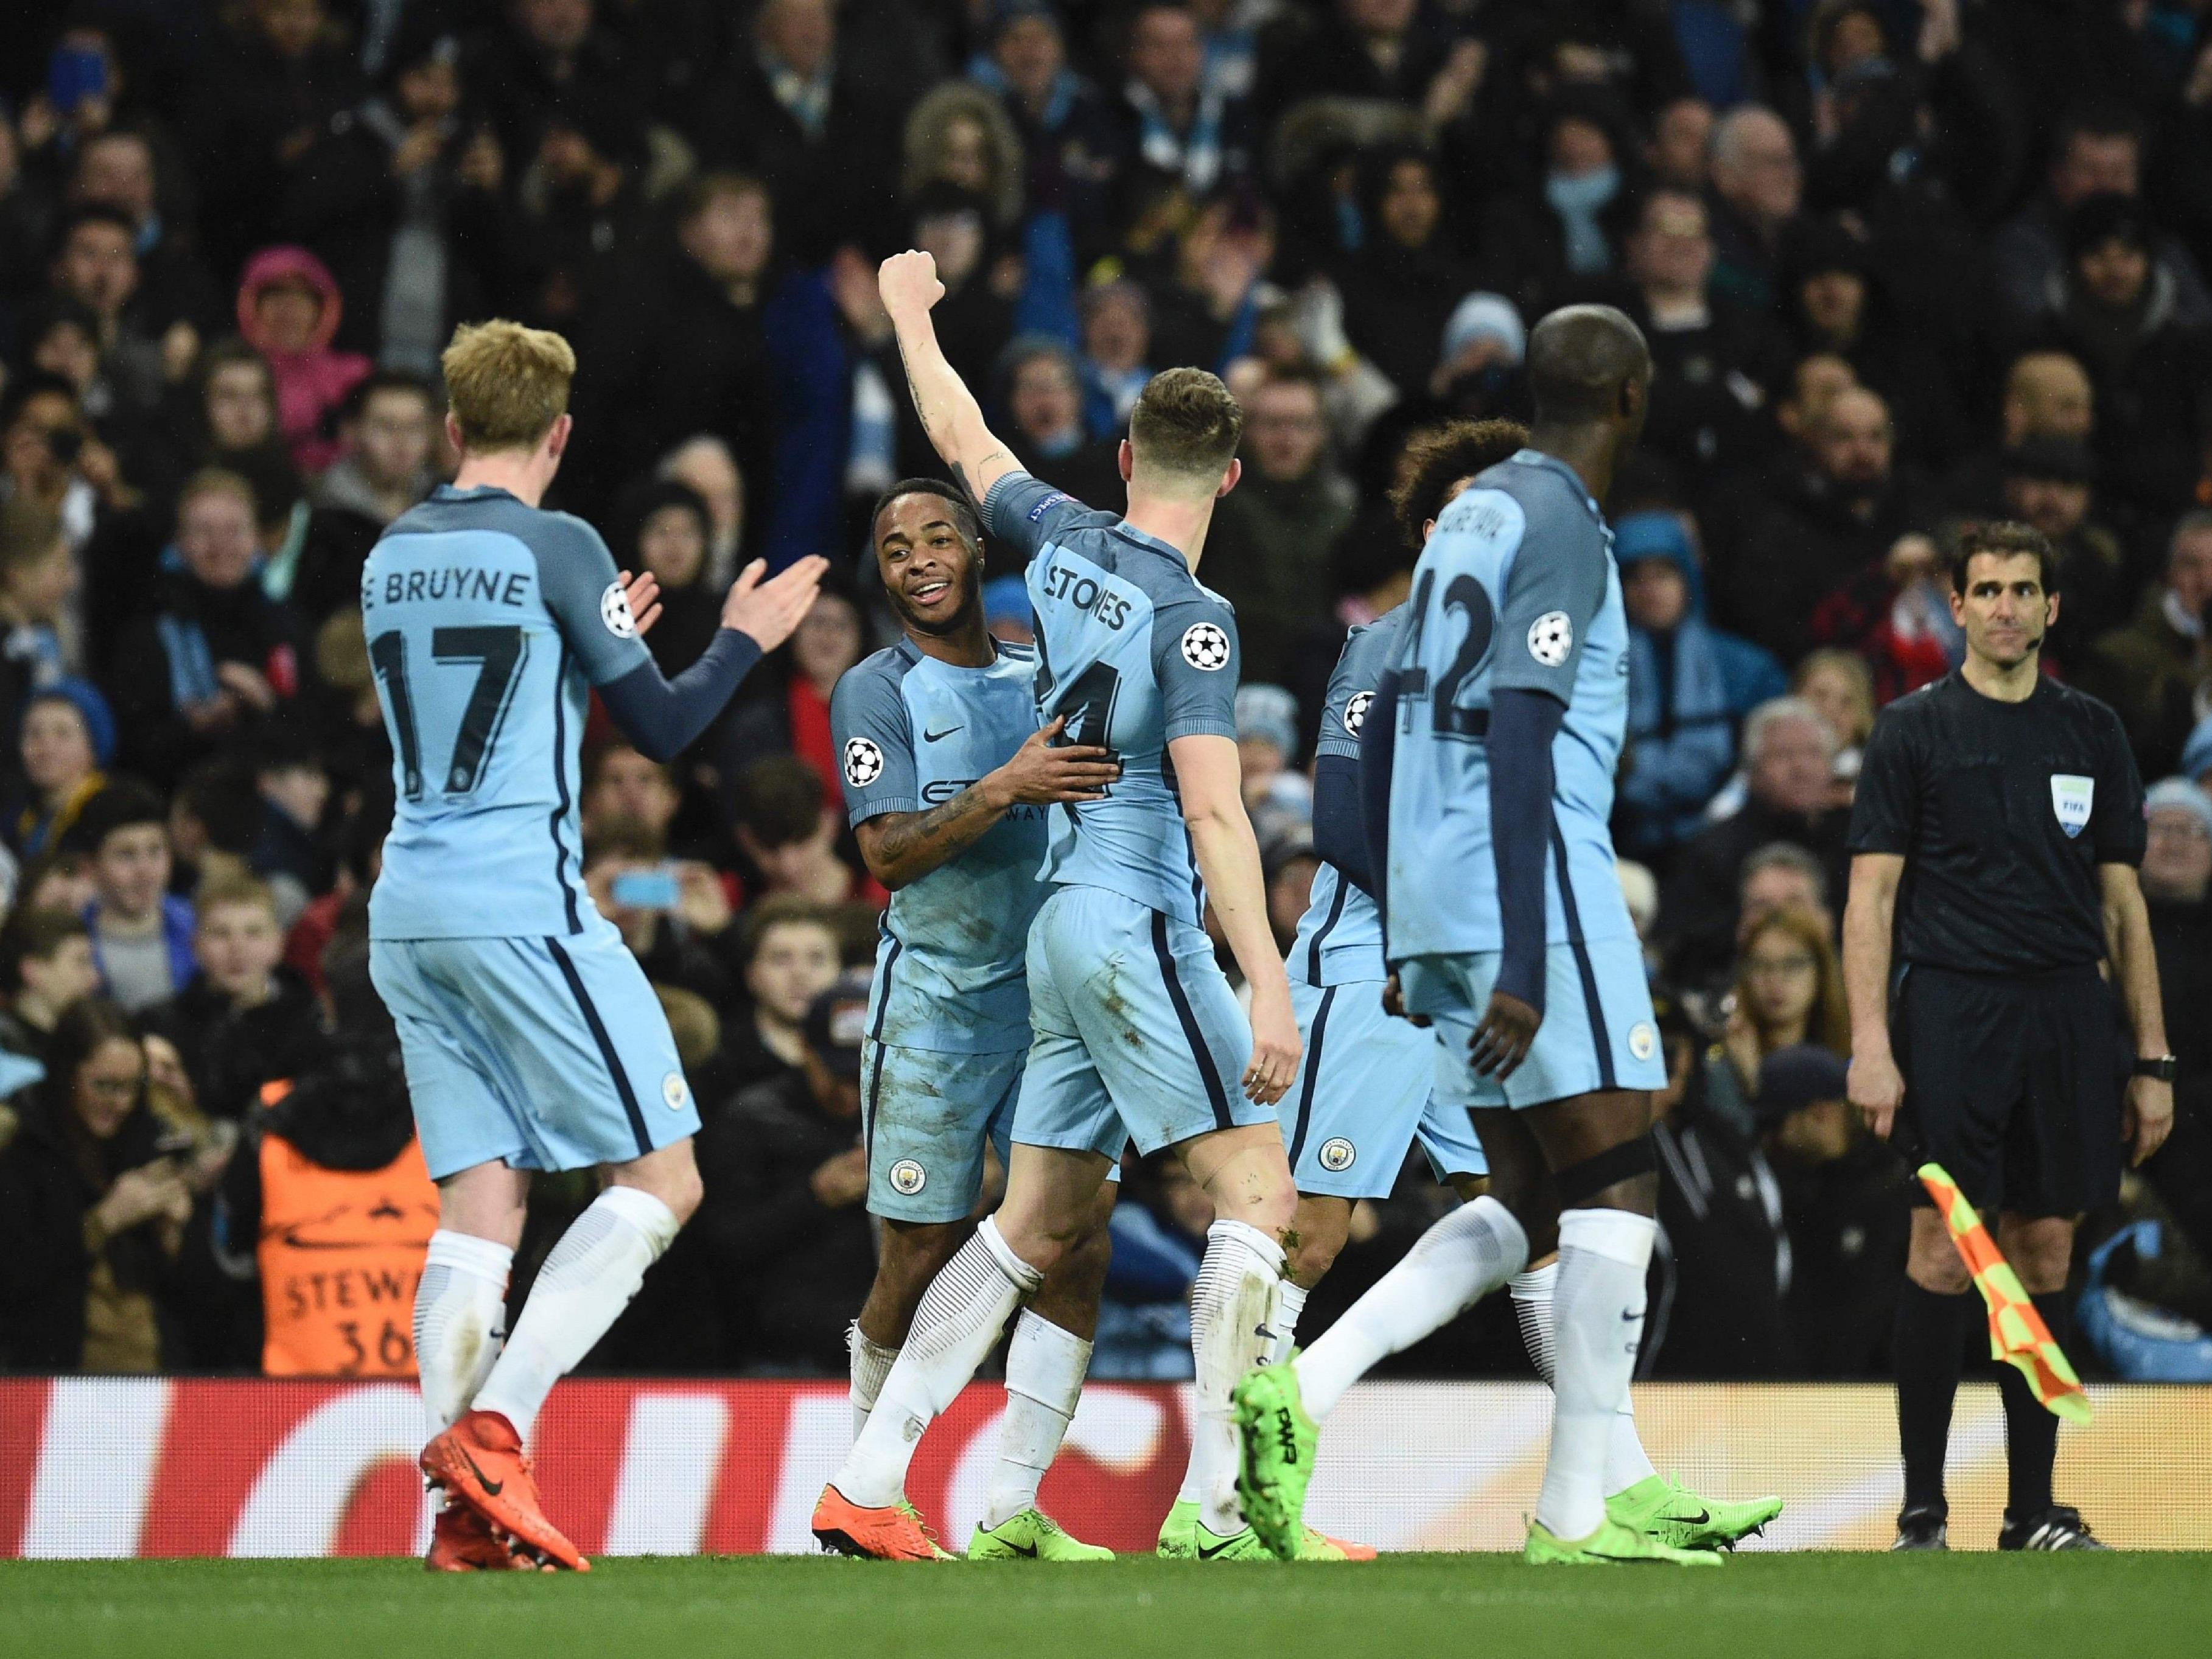 Manchester City musste lange kämpfen, bis der Sieg fixiert war.